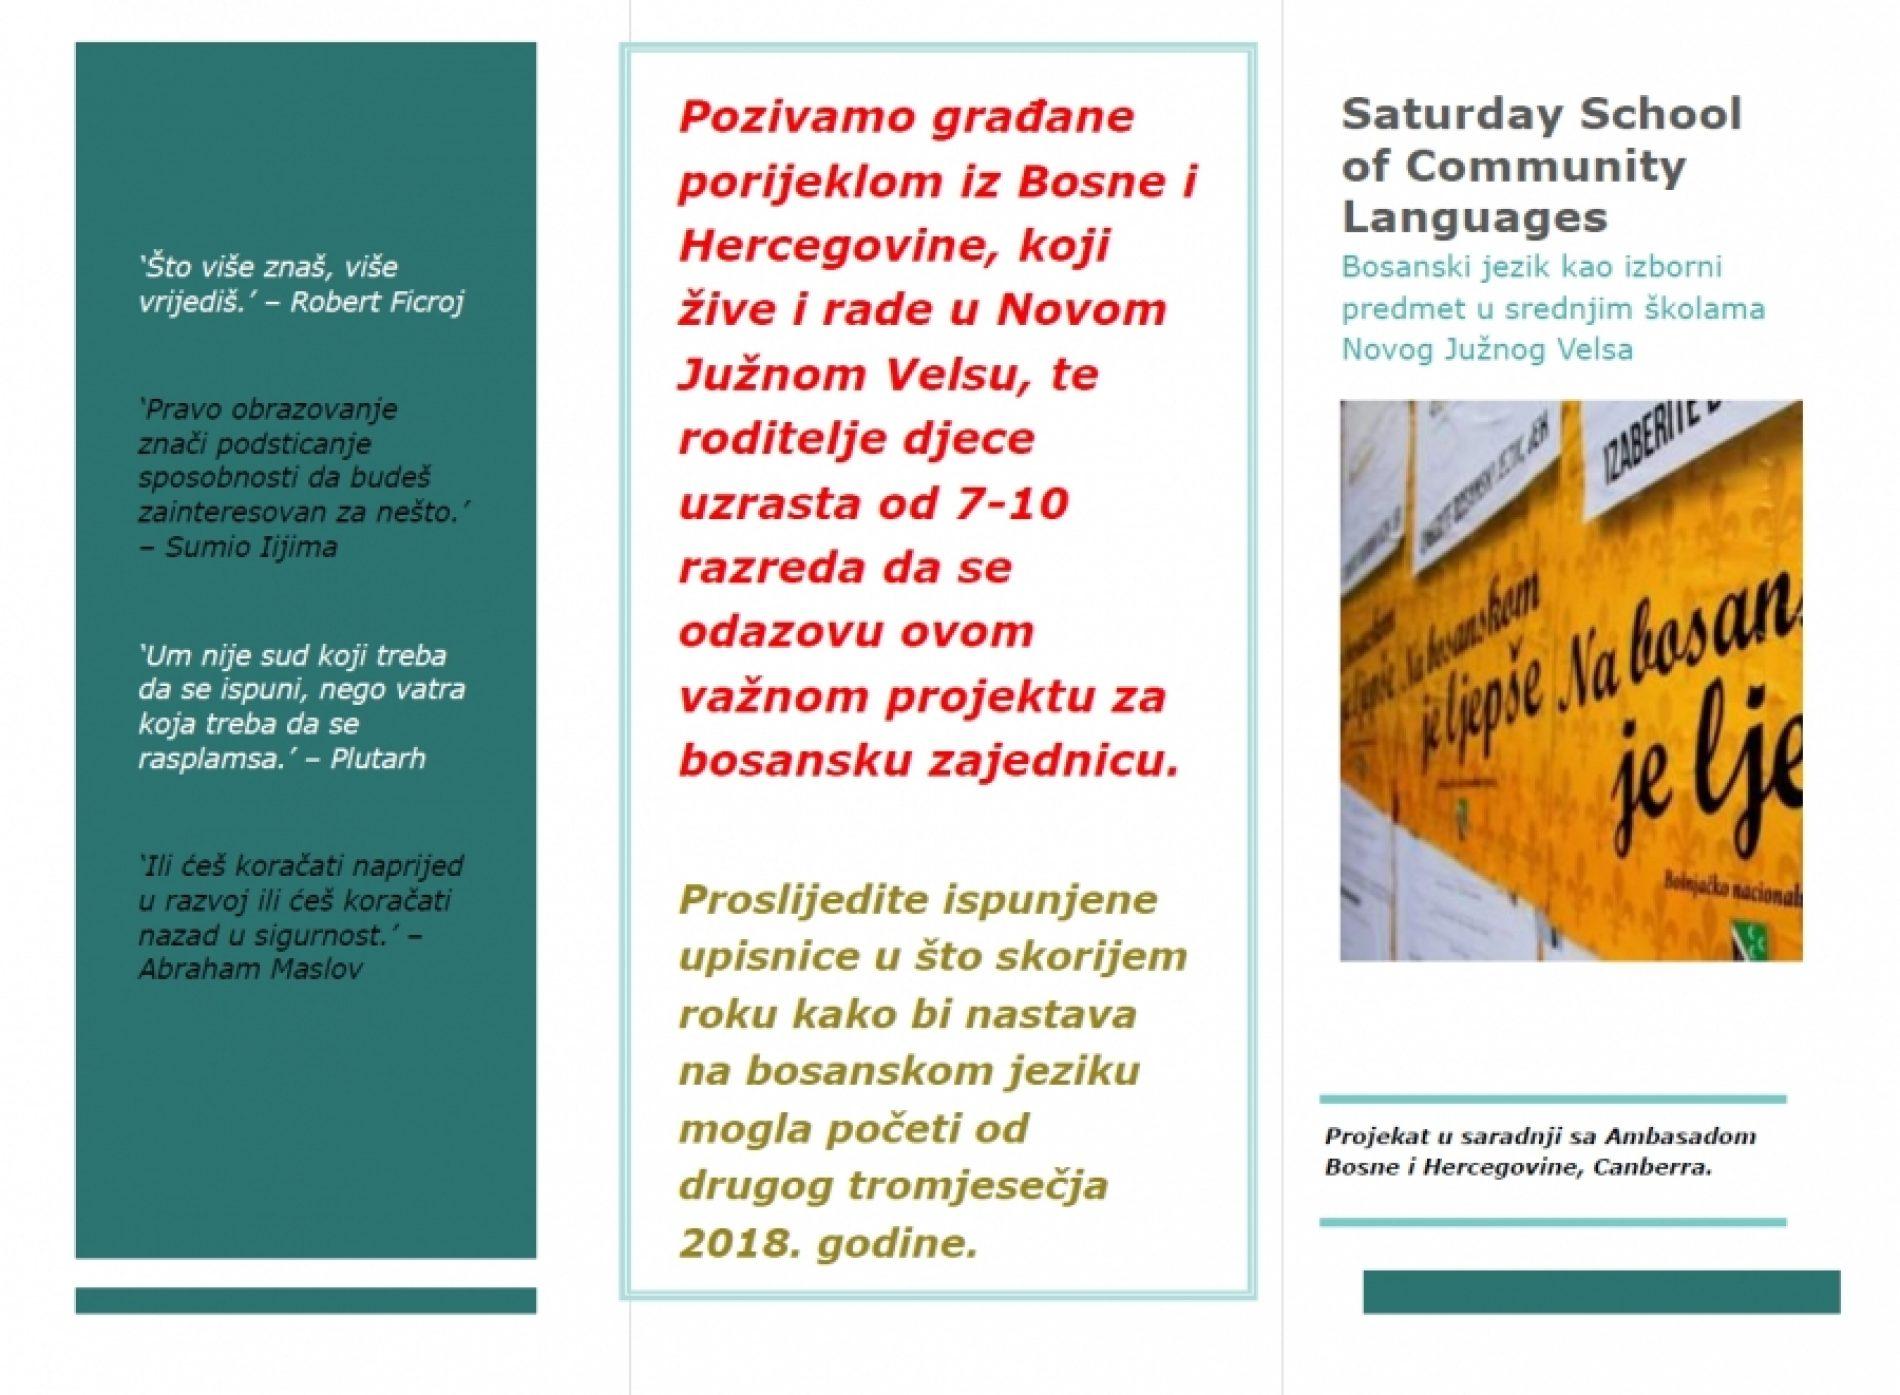 Bosanski jezik uvršten u nastavu u srednjim školama u Novom Južnom Velsu